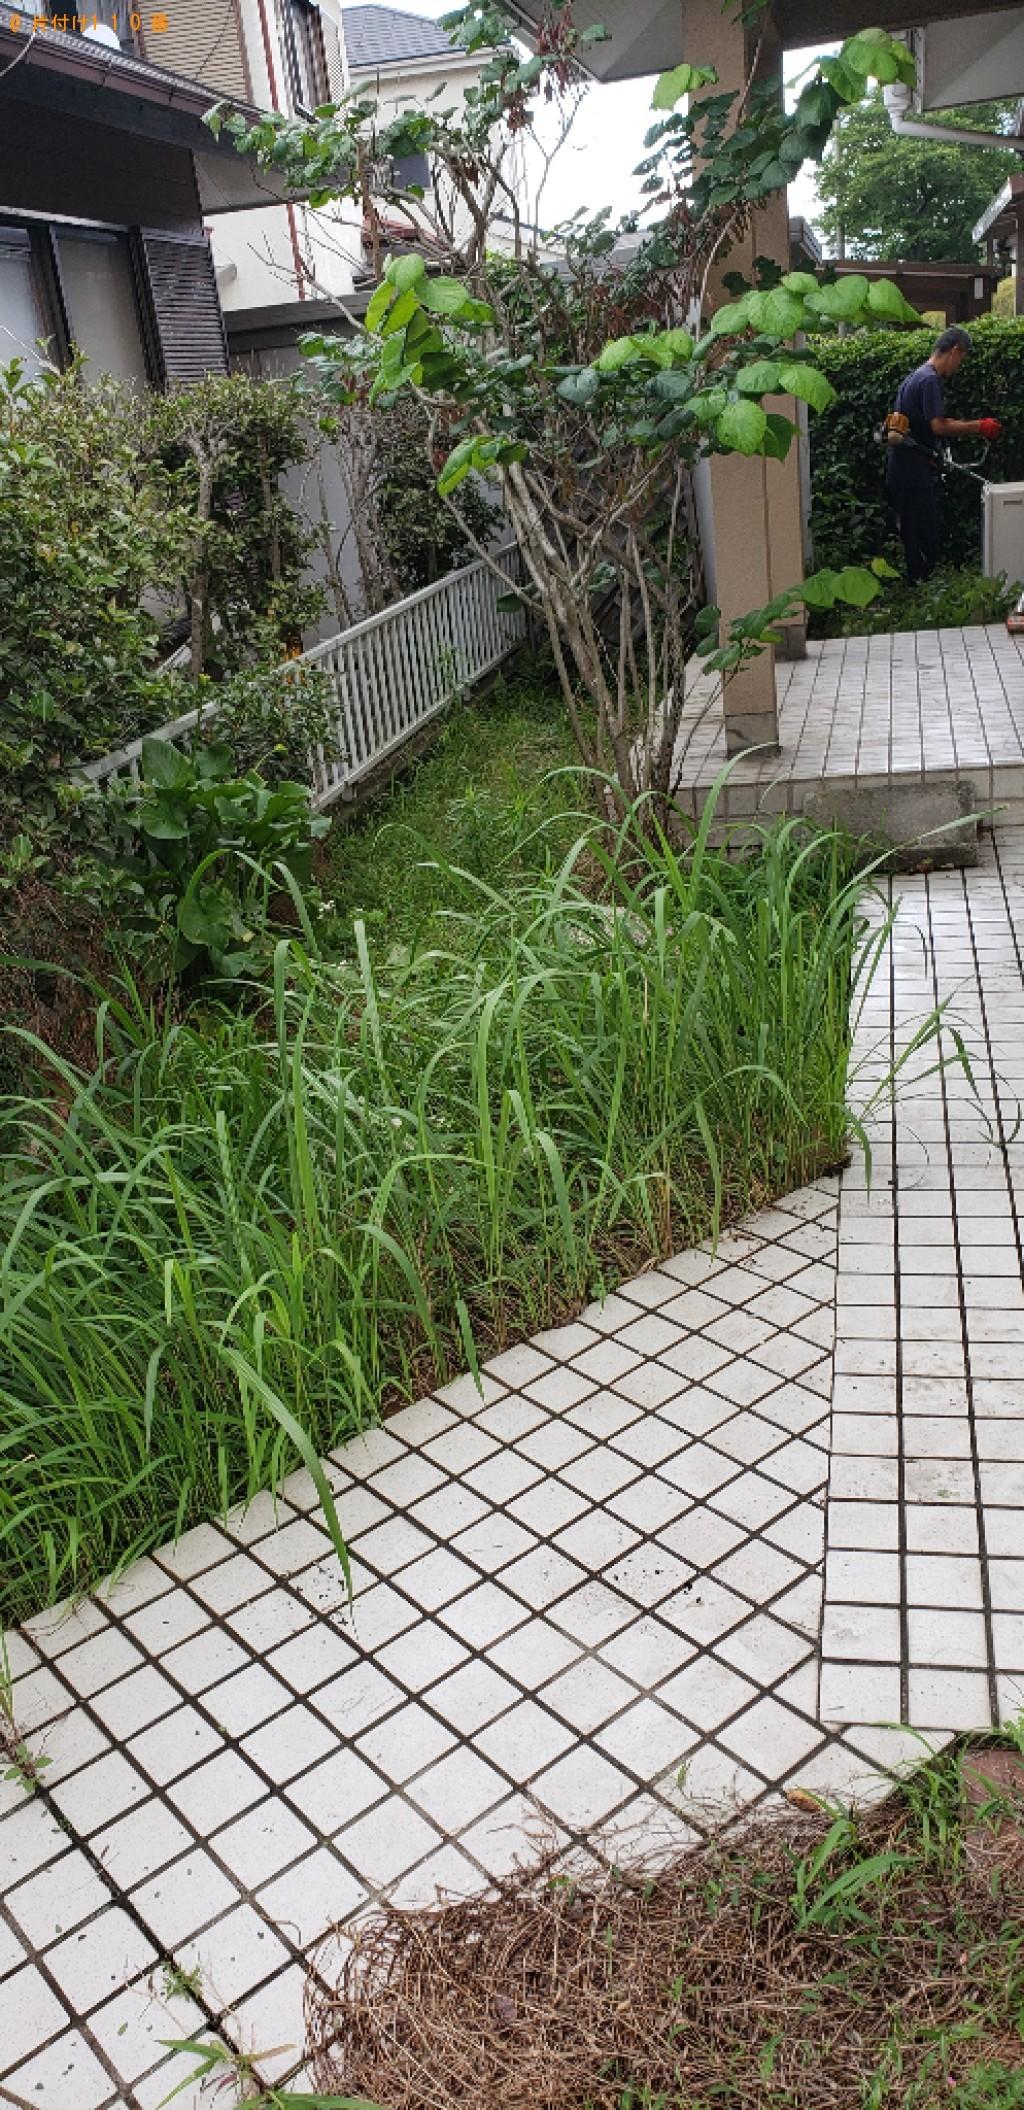 【北九州市小倉南区】生け垣剪定と草刈りご依頼 お客様の声